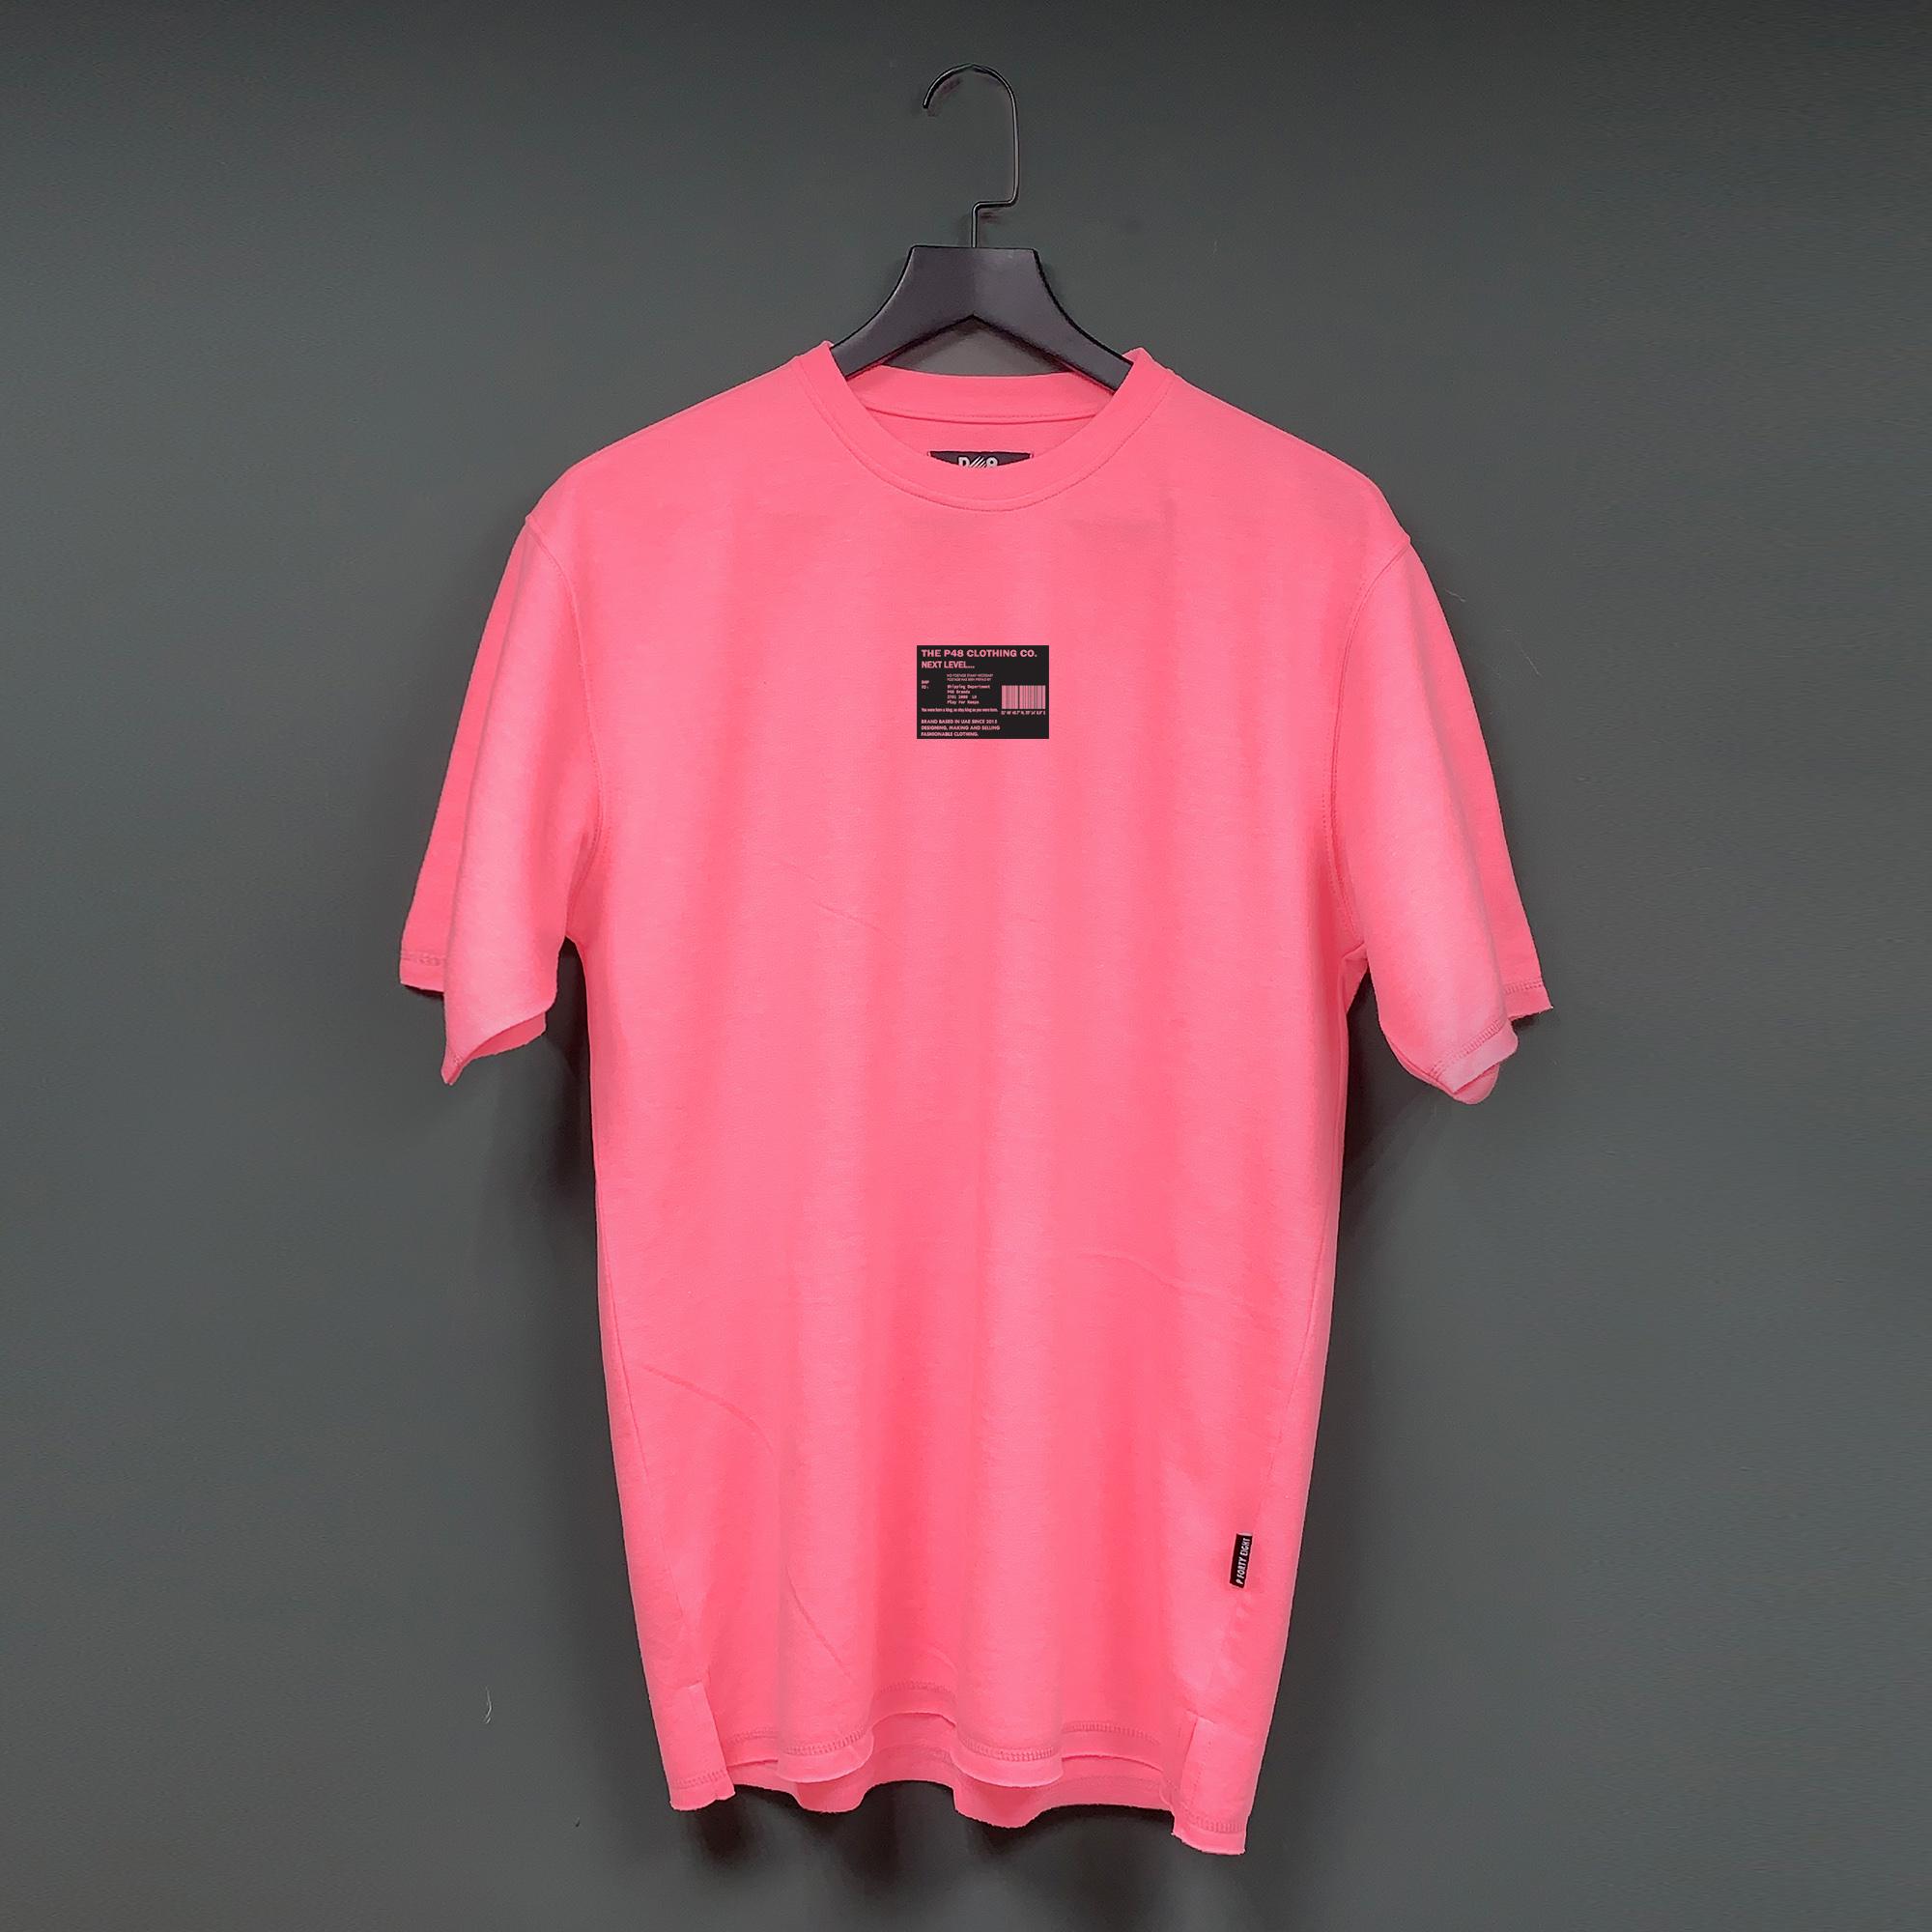 Oversize next level tshirt - Pink